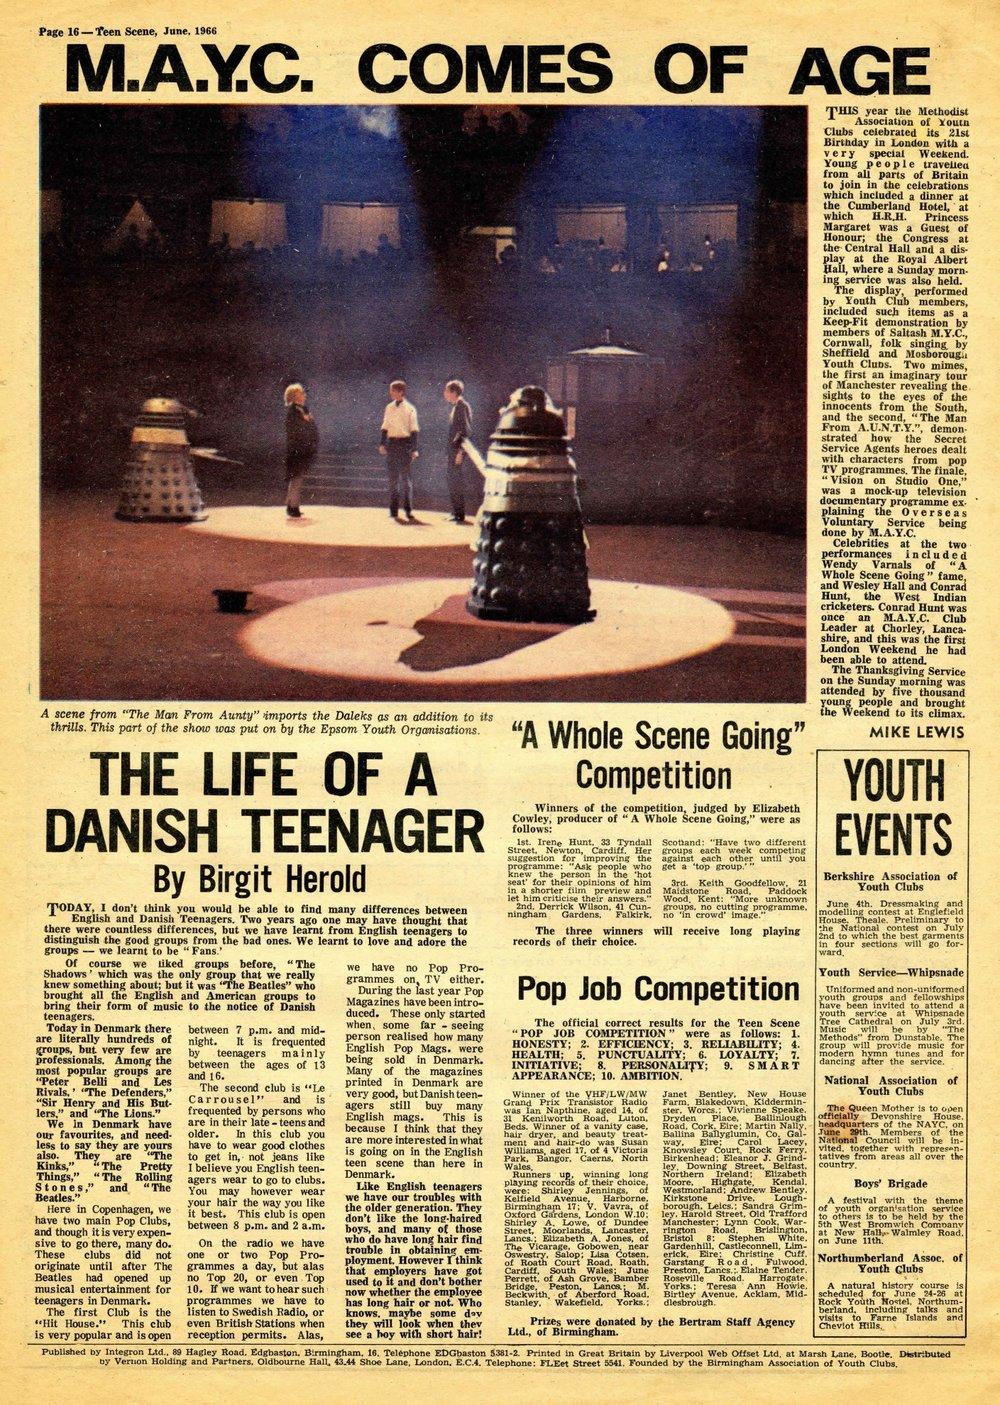 Teen Scene, June 1966